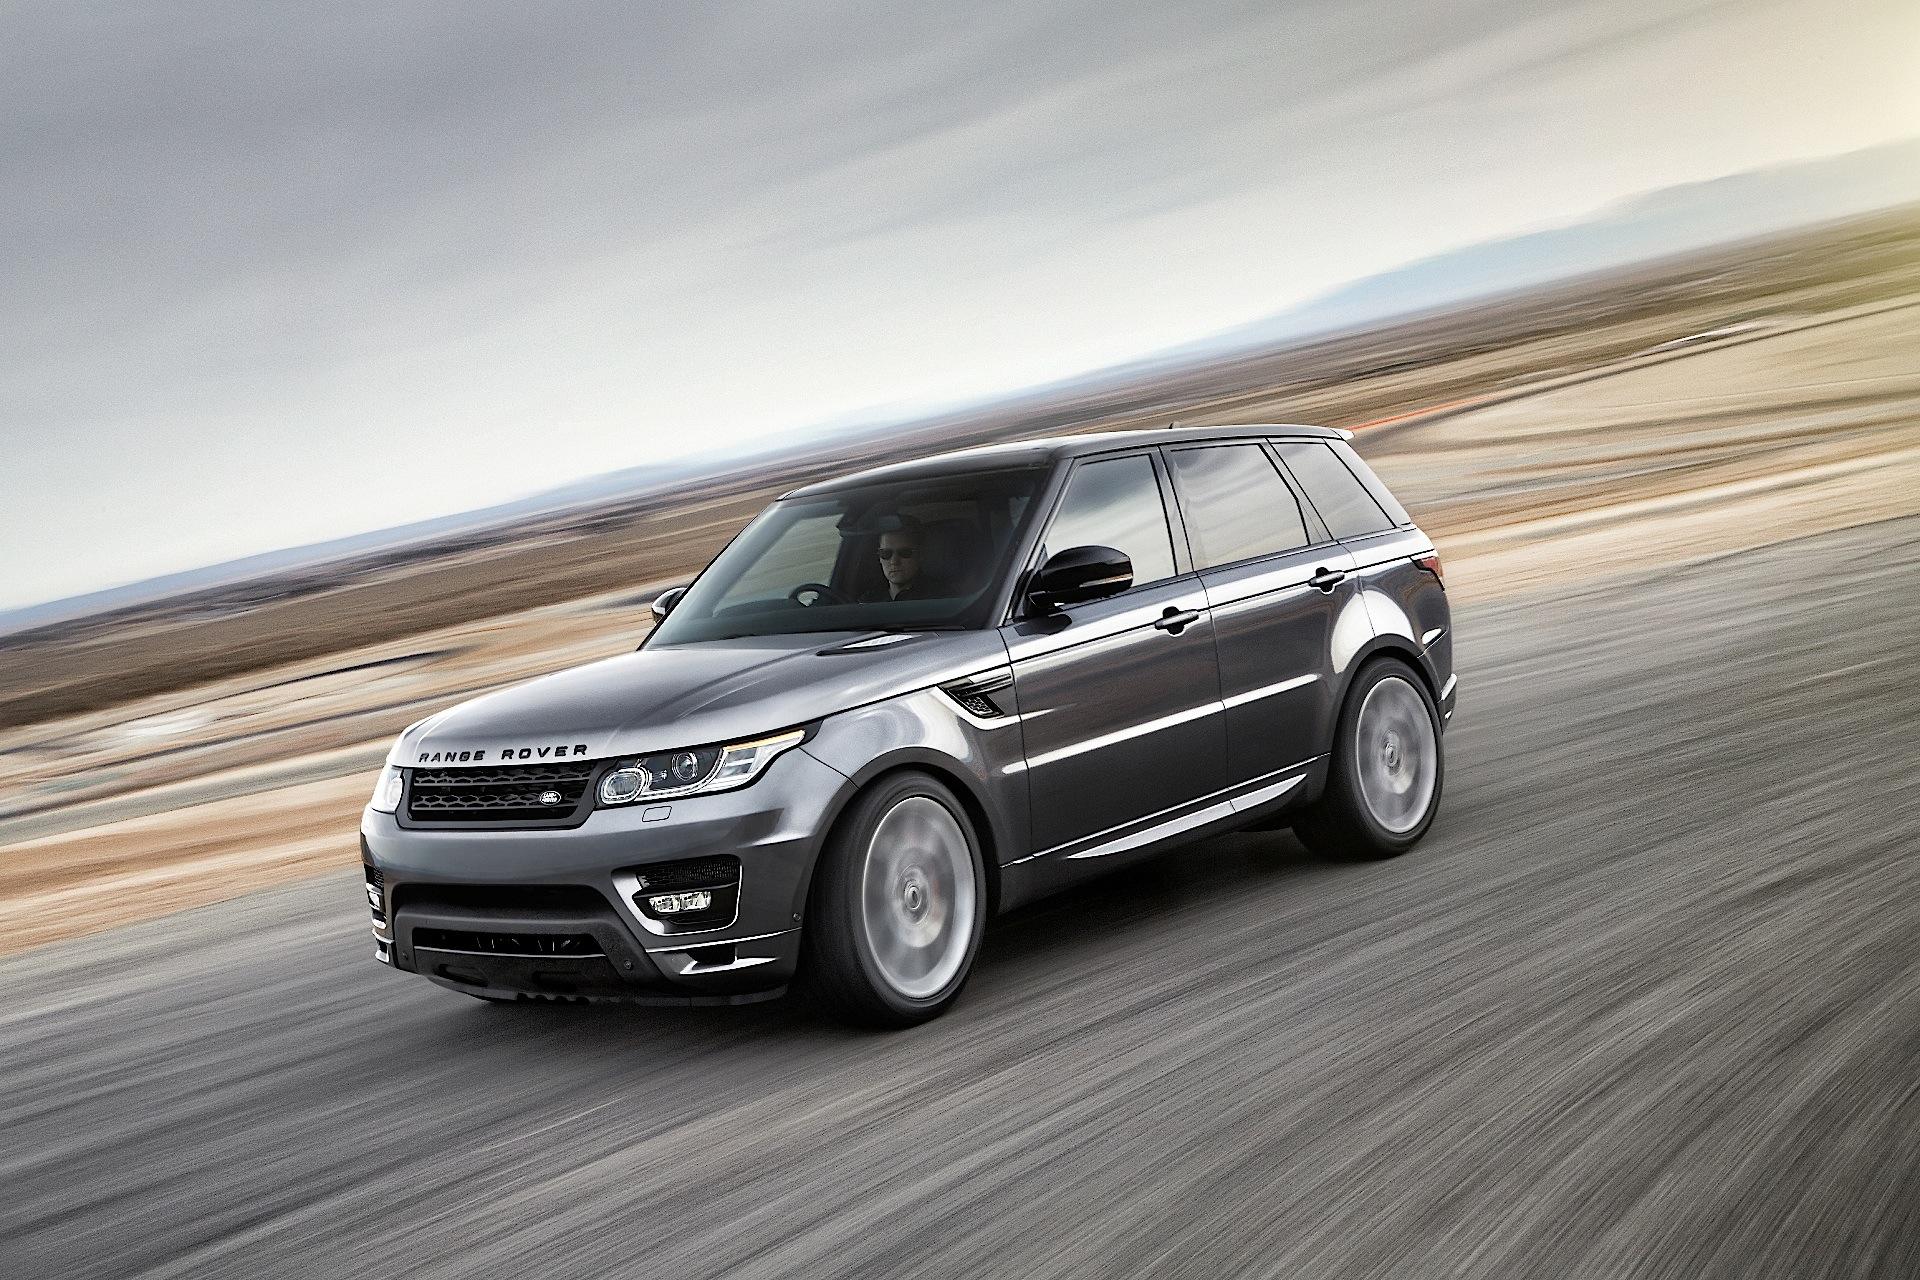 Land Rover Range Rover 4.4 TDV8 340Cp primeste modificare by DimSport